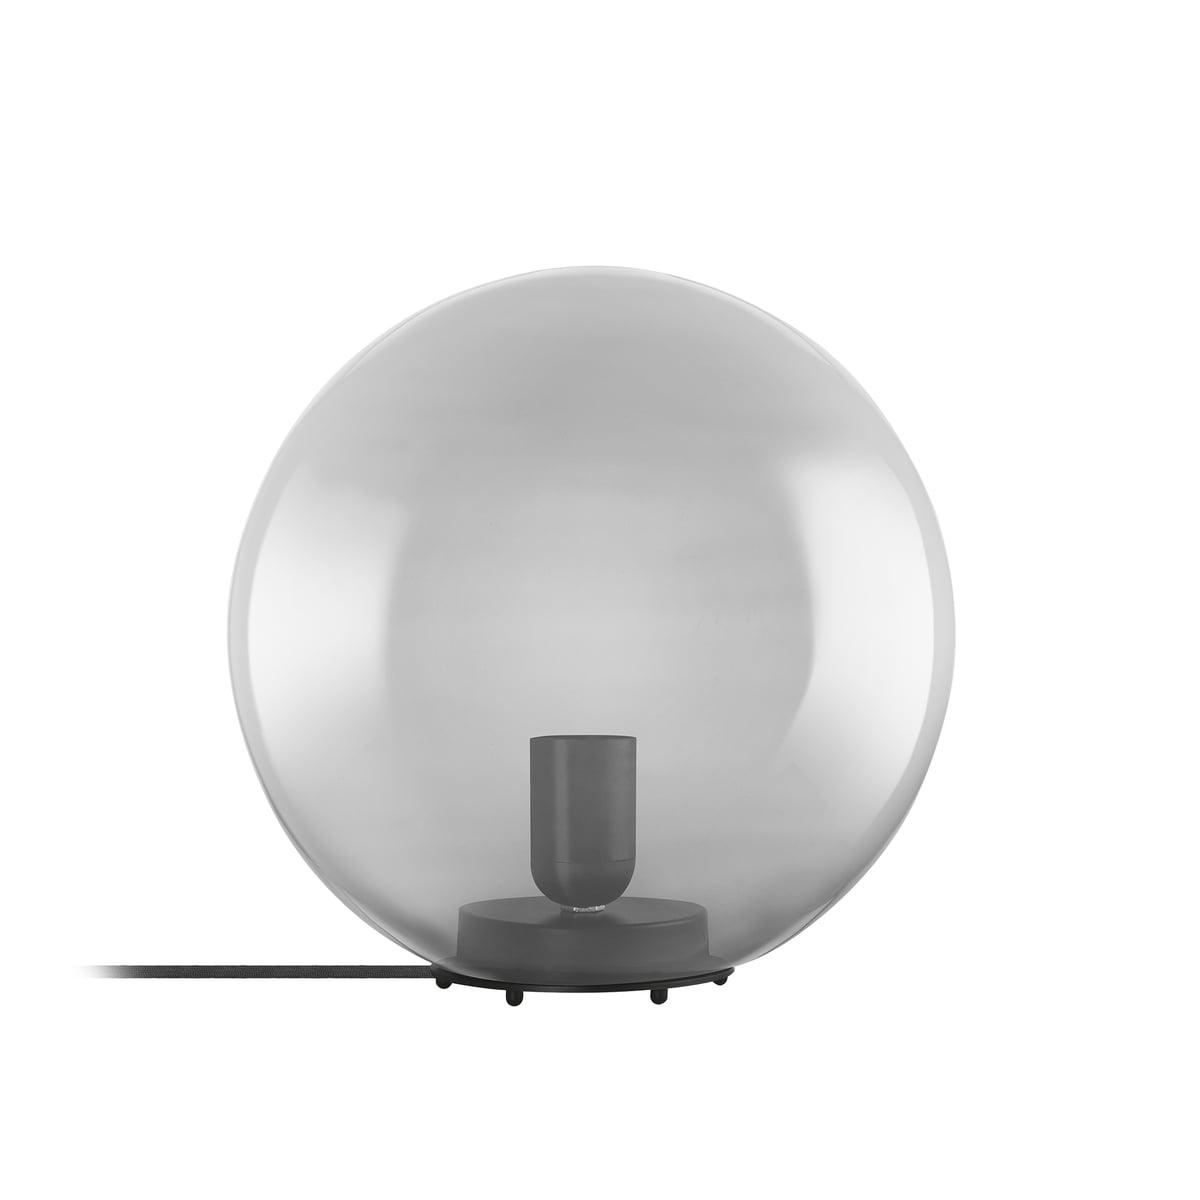 Lampenschirm grau rechteckig 30 x 14 x 15 cm Lampen Schirm Beleuchtung